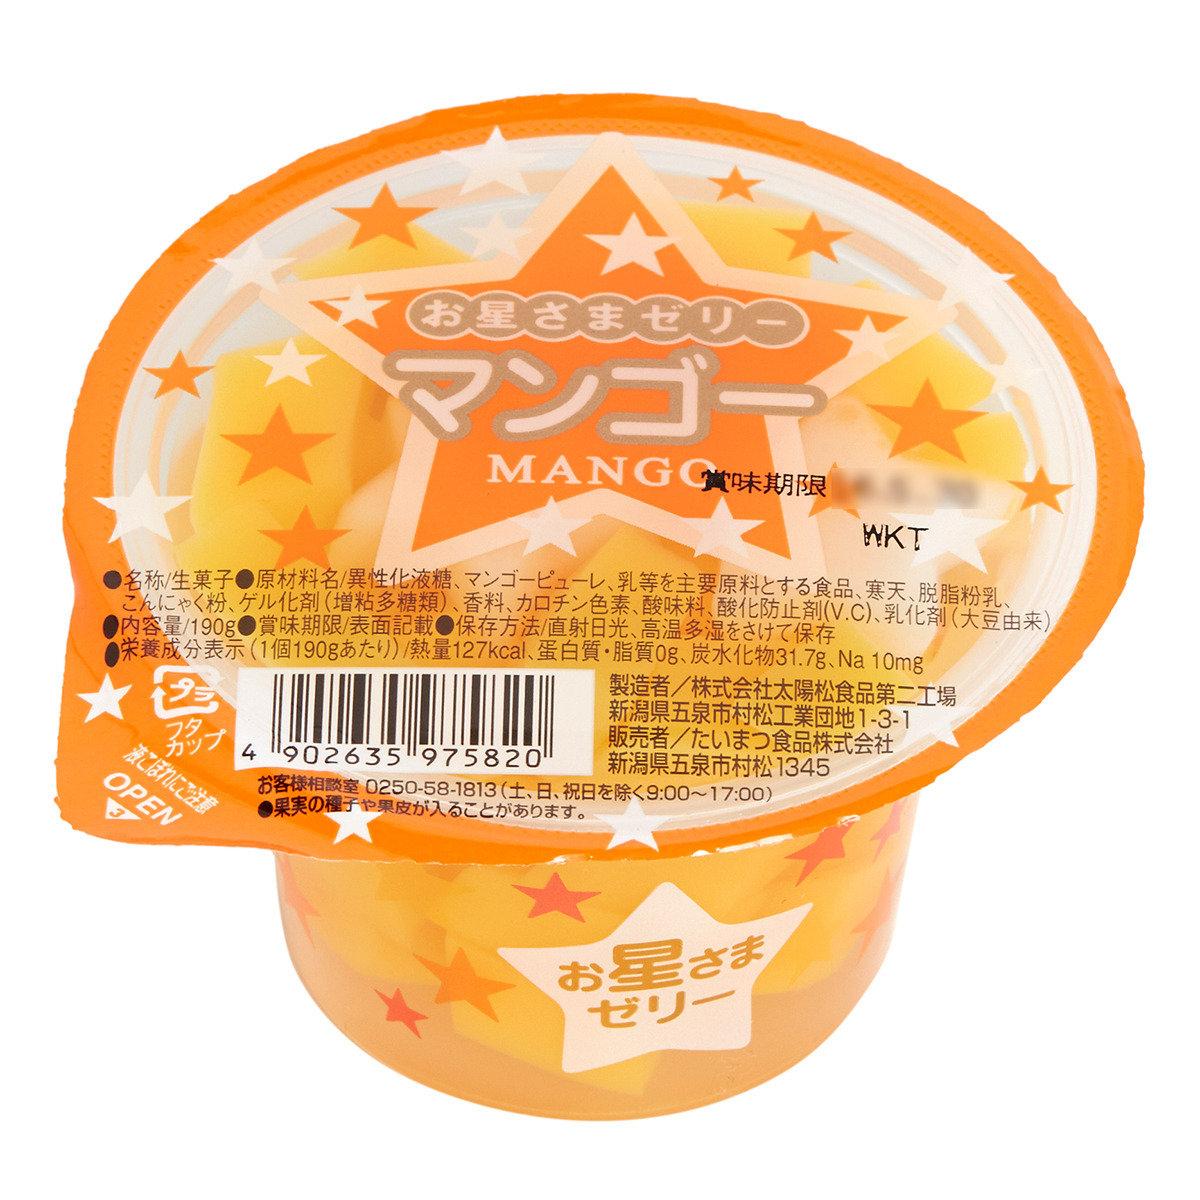 星星芒果啫喱